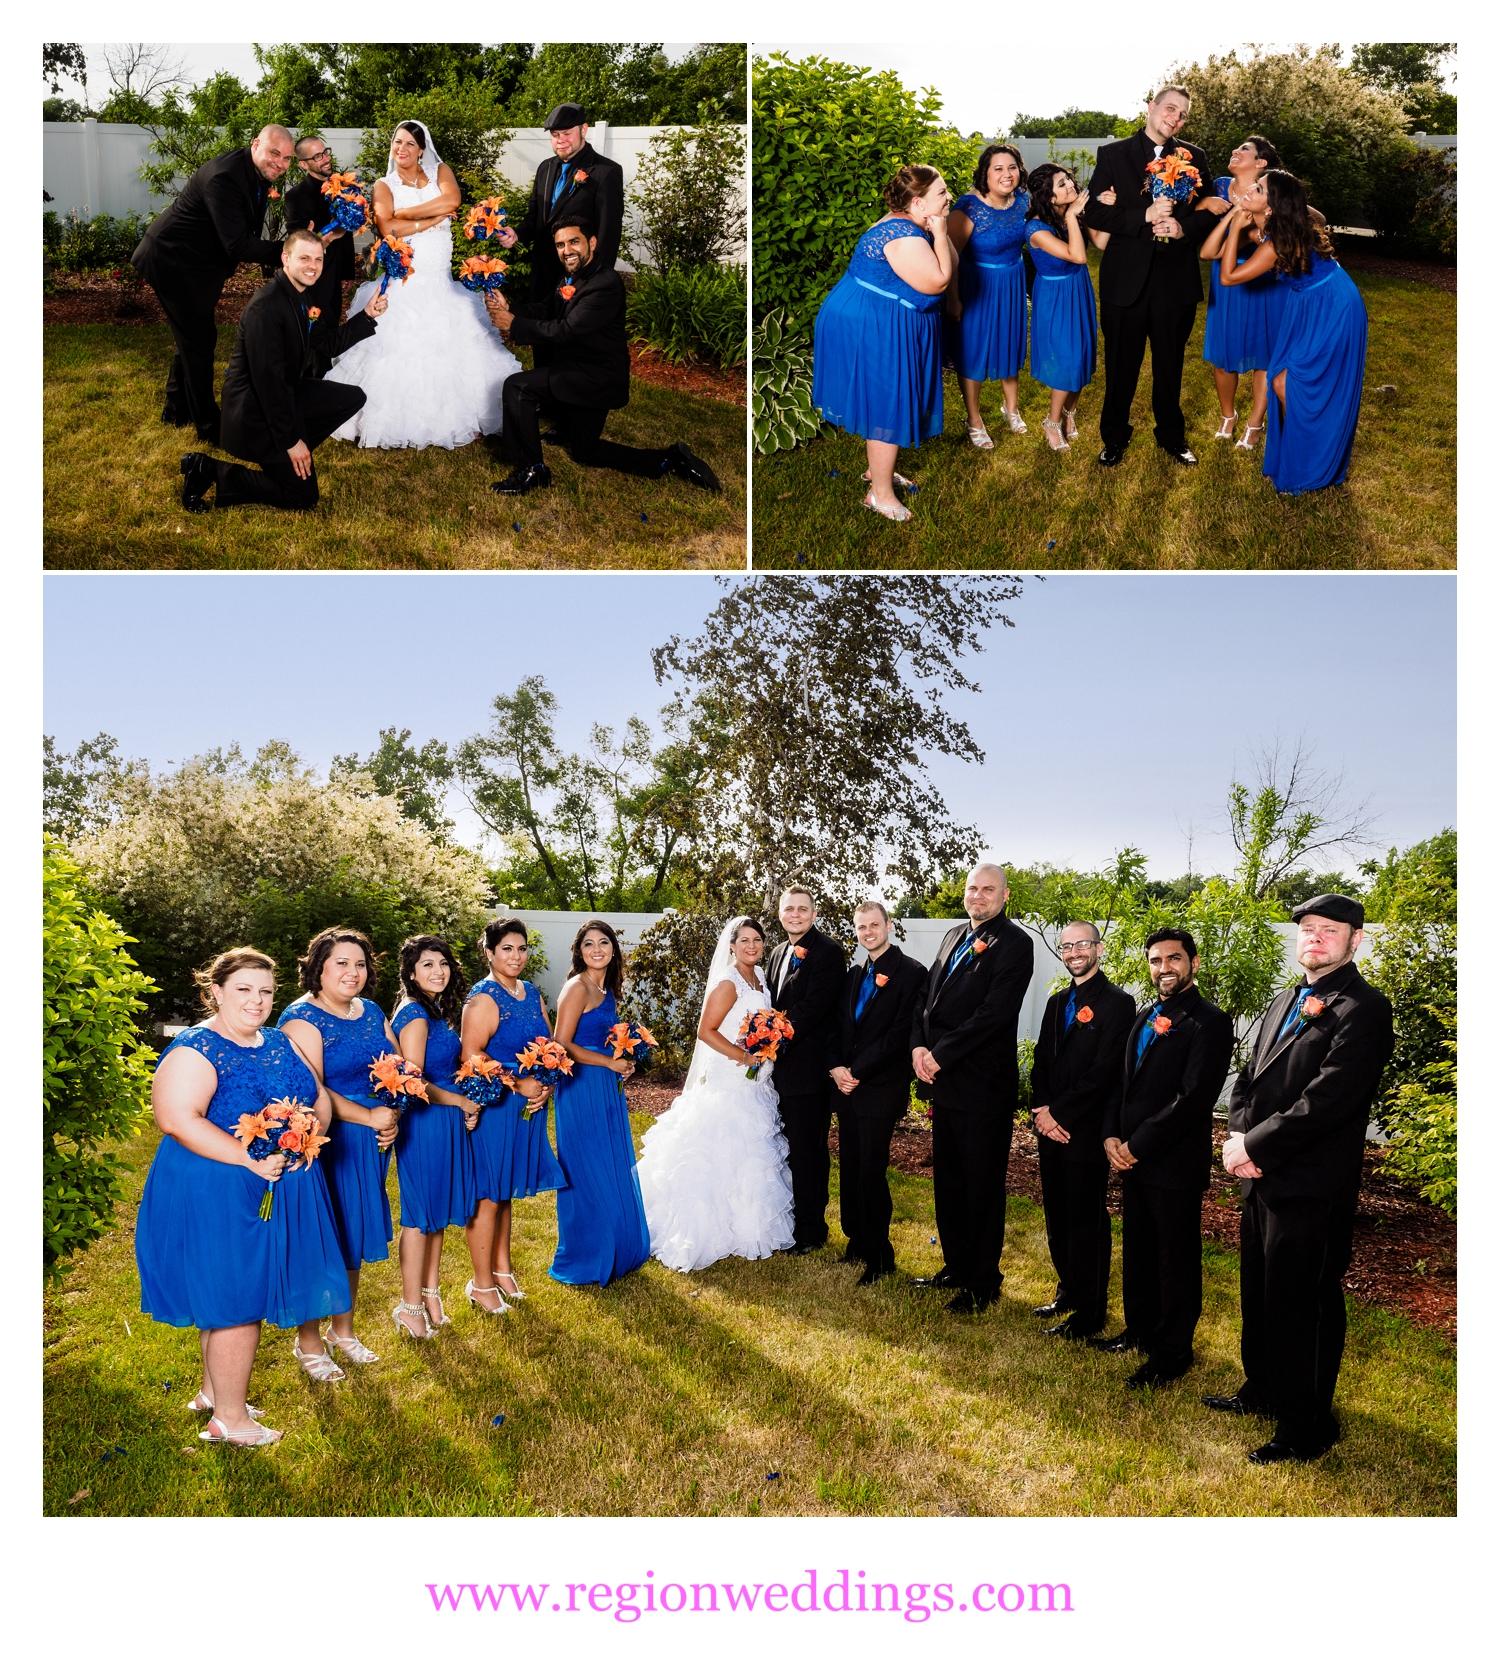 Wedding party photos at The Patrician Banquet Center.